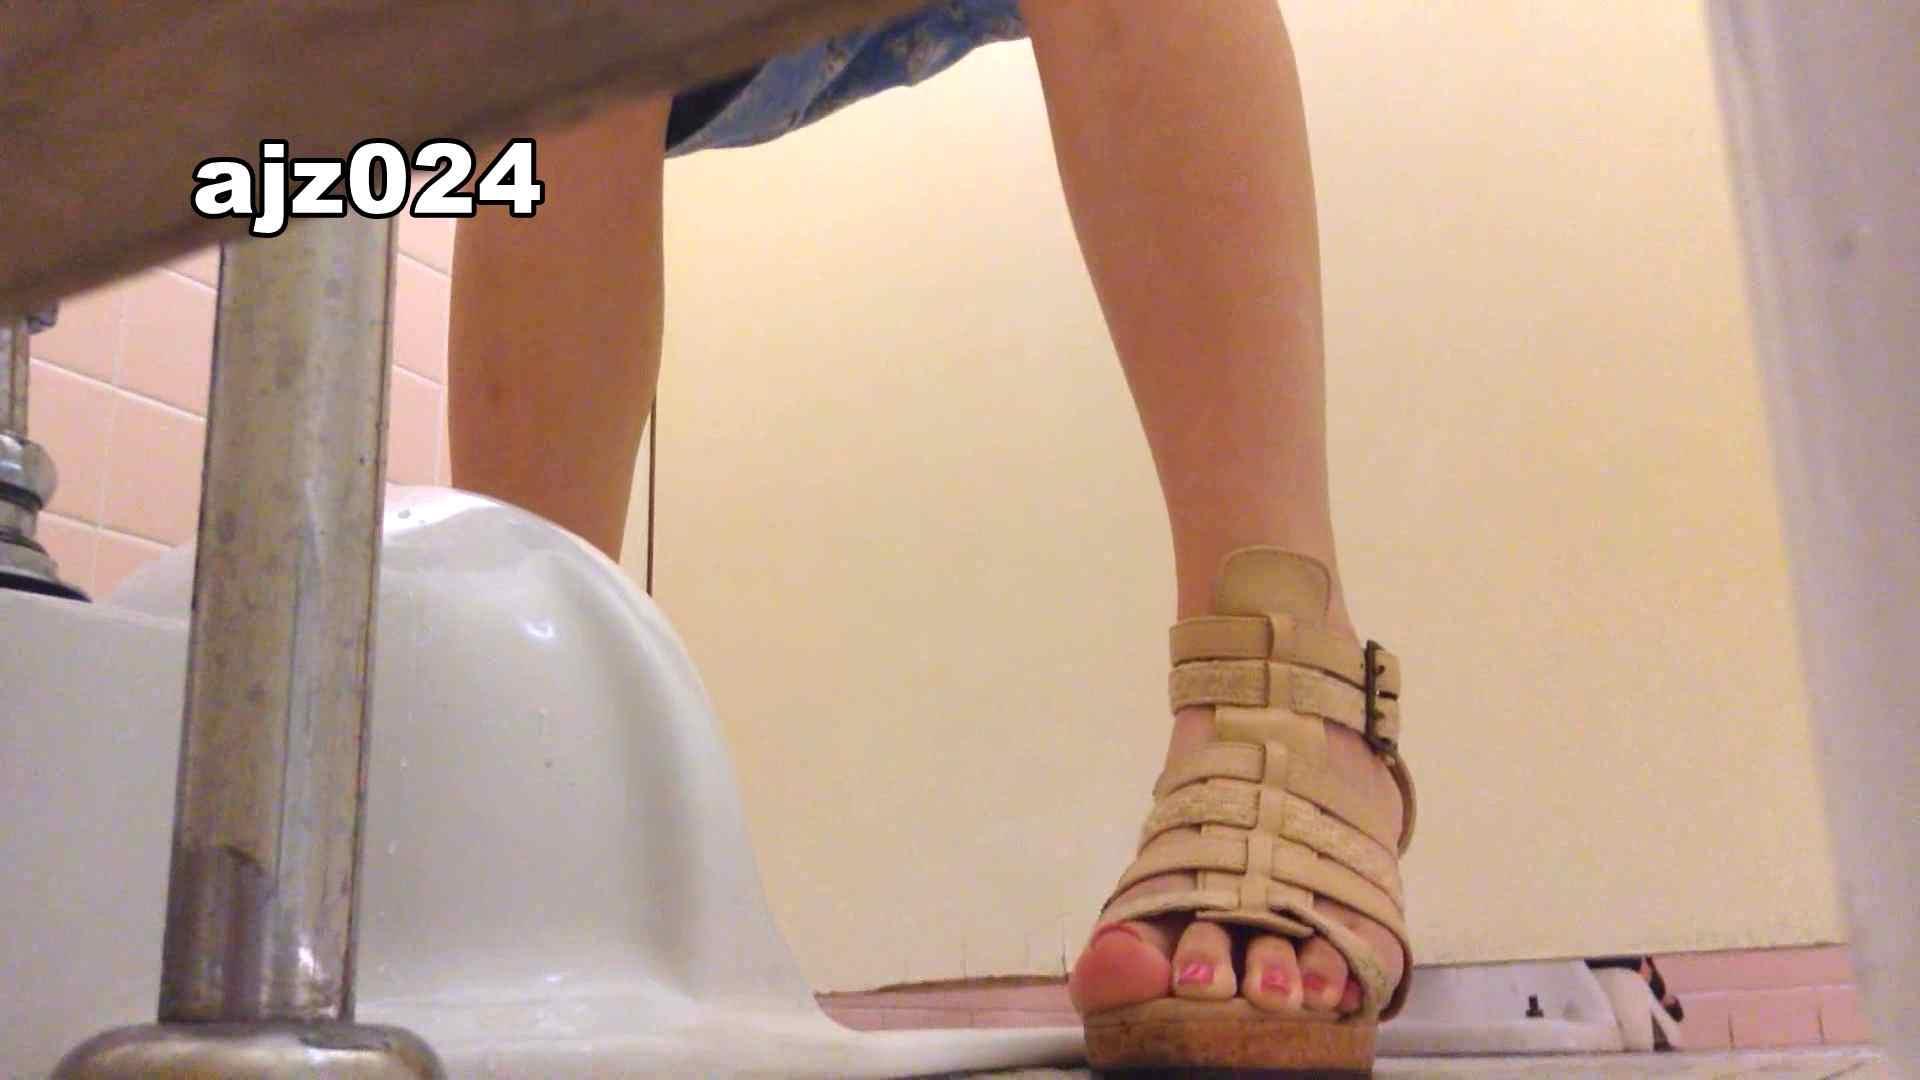 某有名大学女性洗面所 vol.24 0 | 0  83画像 77